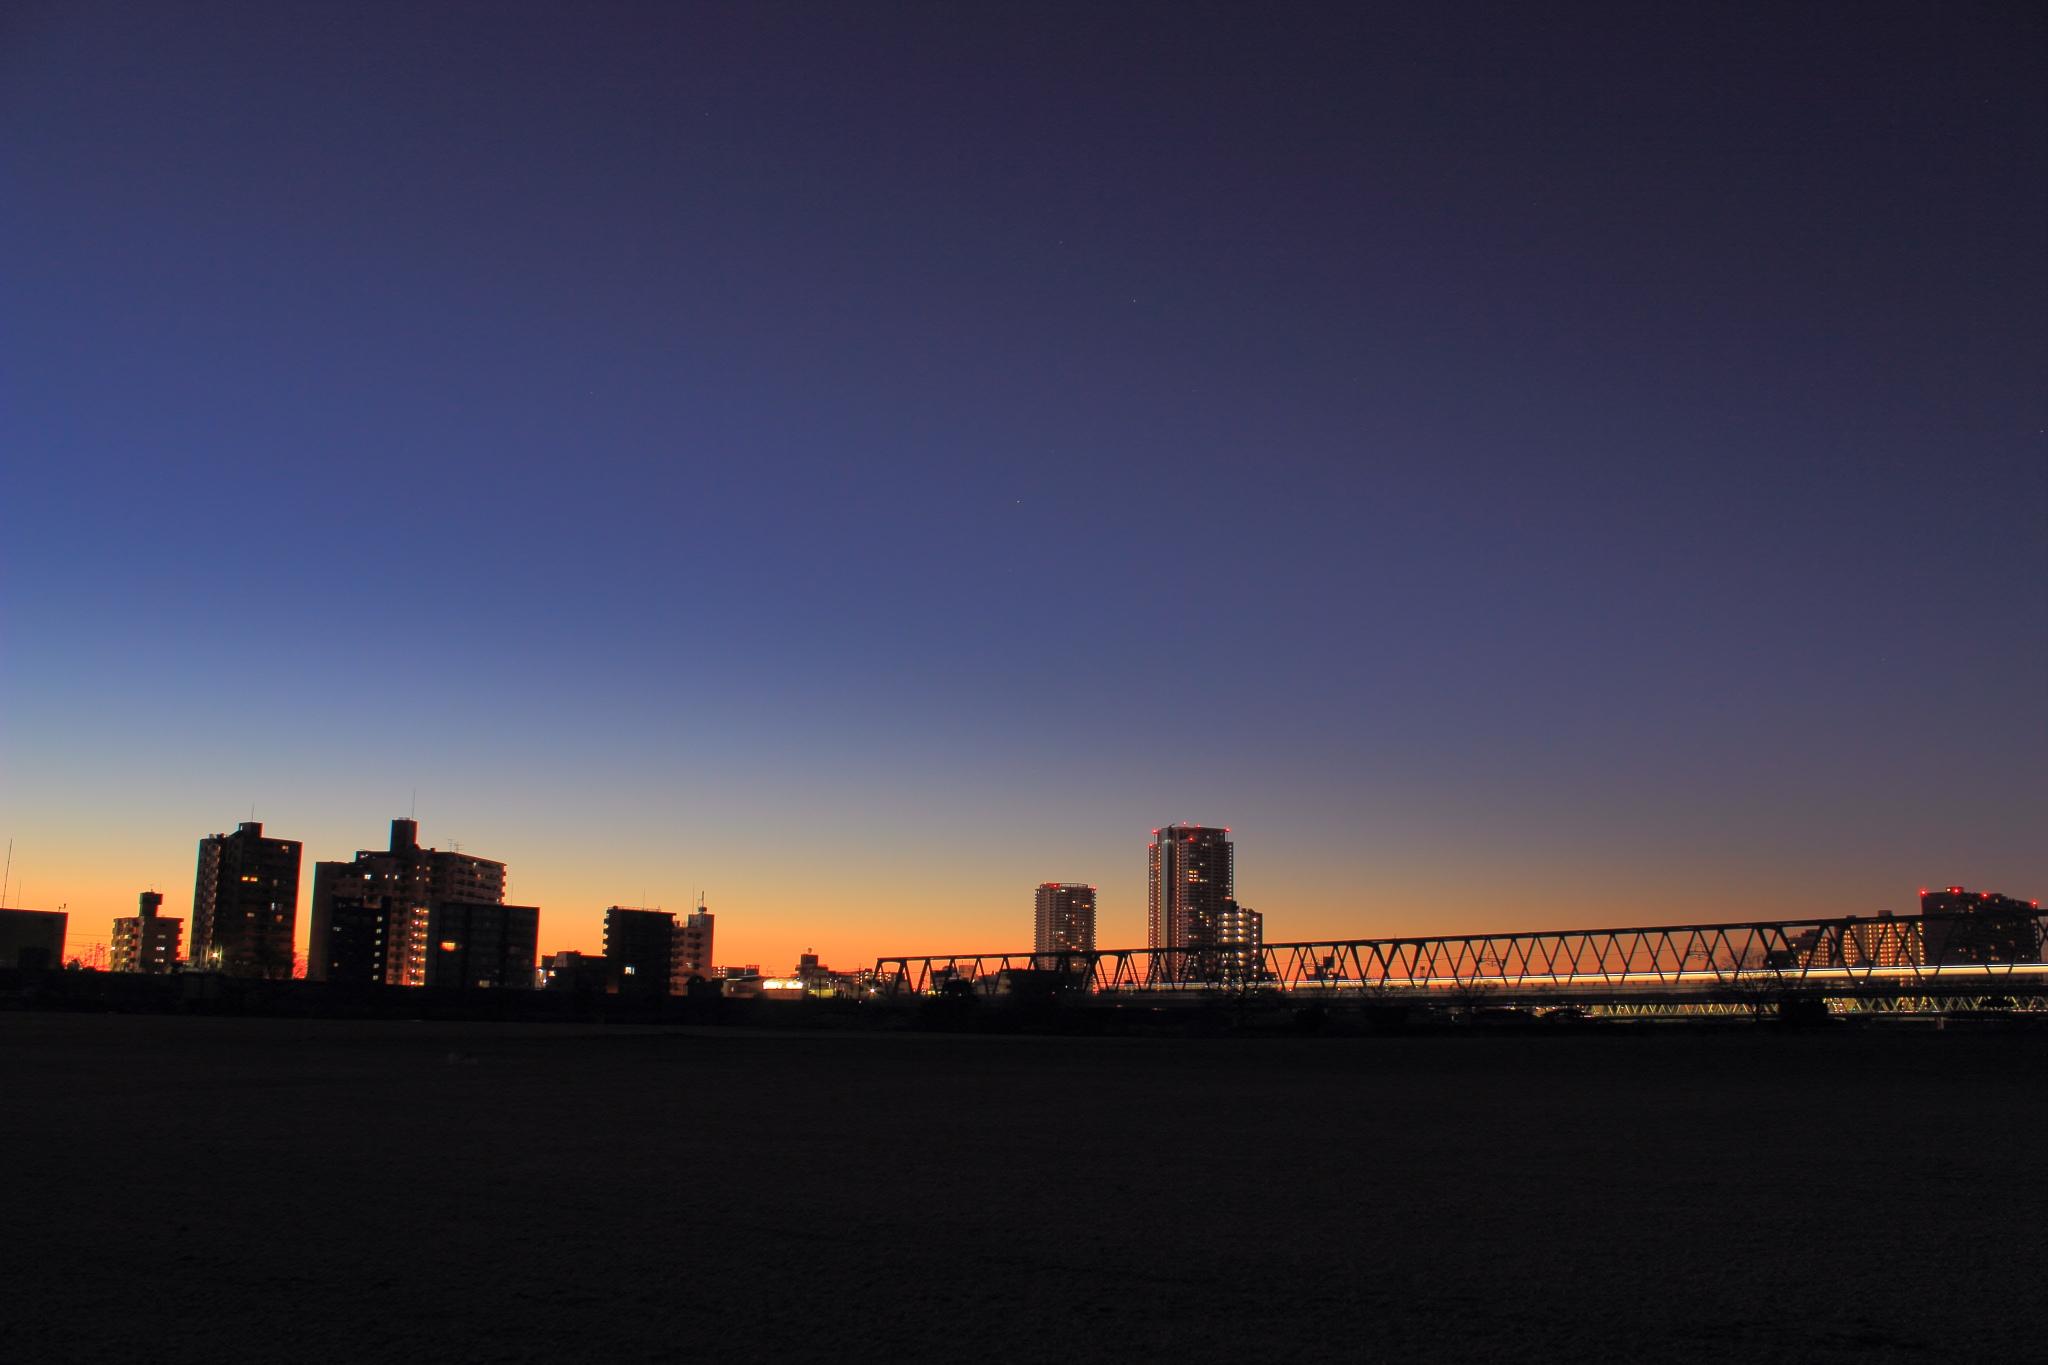 日の出前の江戸川から/まちメモ市川駅版/CC BY-NC 2.0